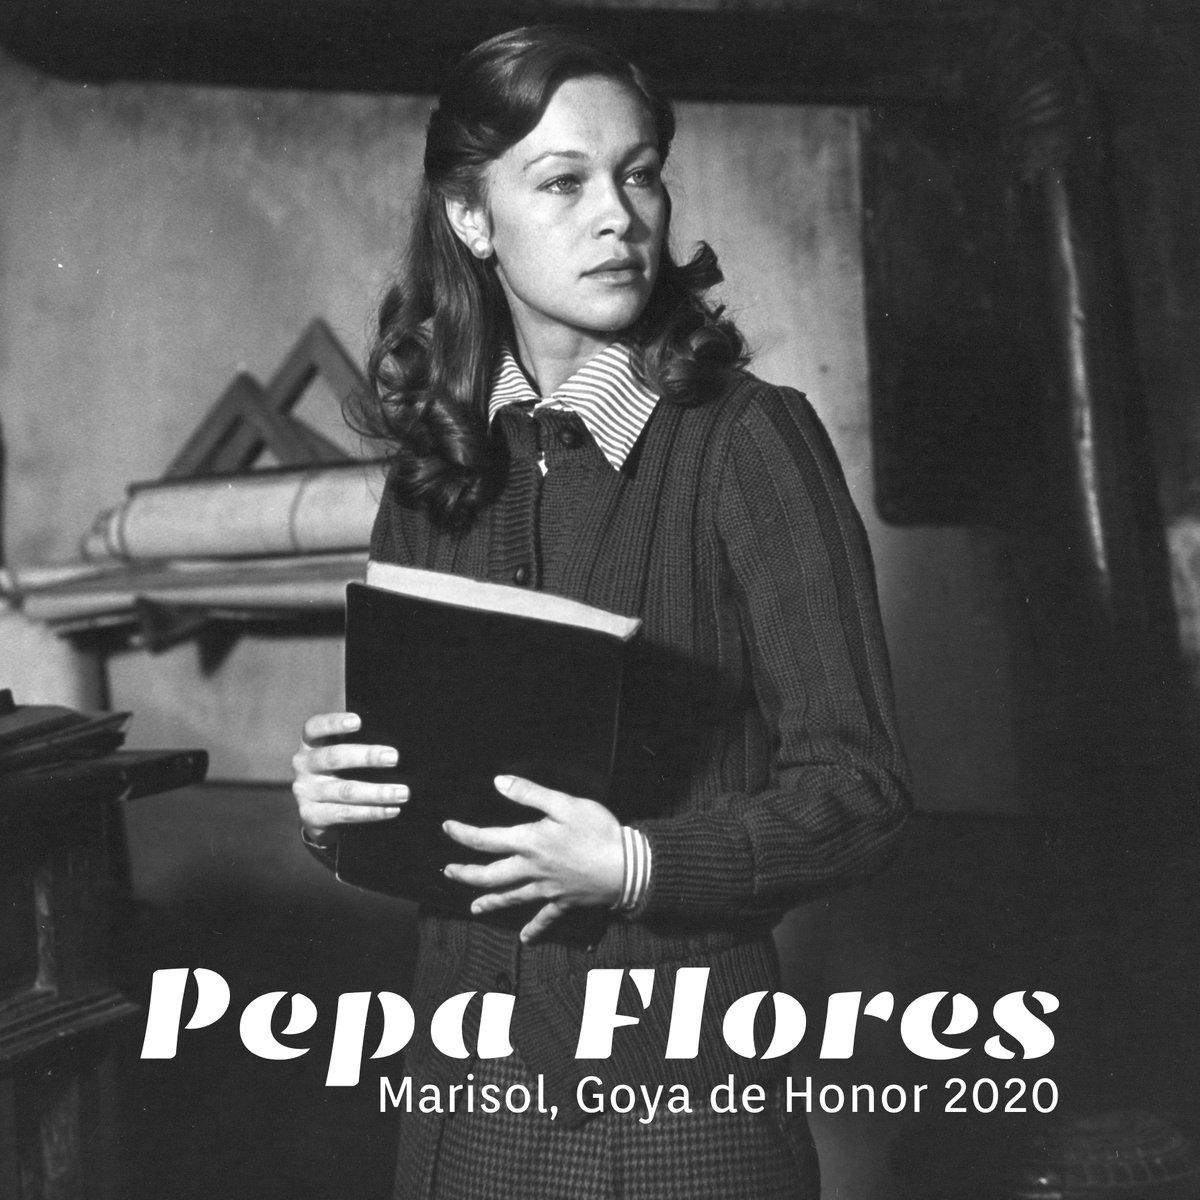 Pepa Flores, Marisol, recibirá el #Goya2020 de Honor en Málaga, su ciudad. premiosgoya.com/pepa-flores-go…